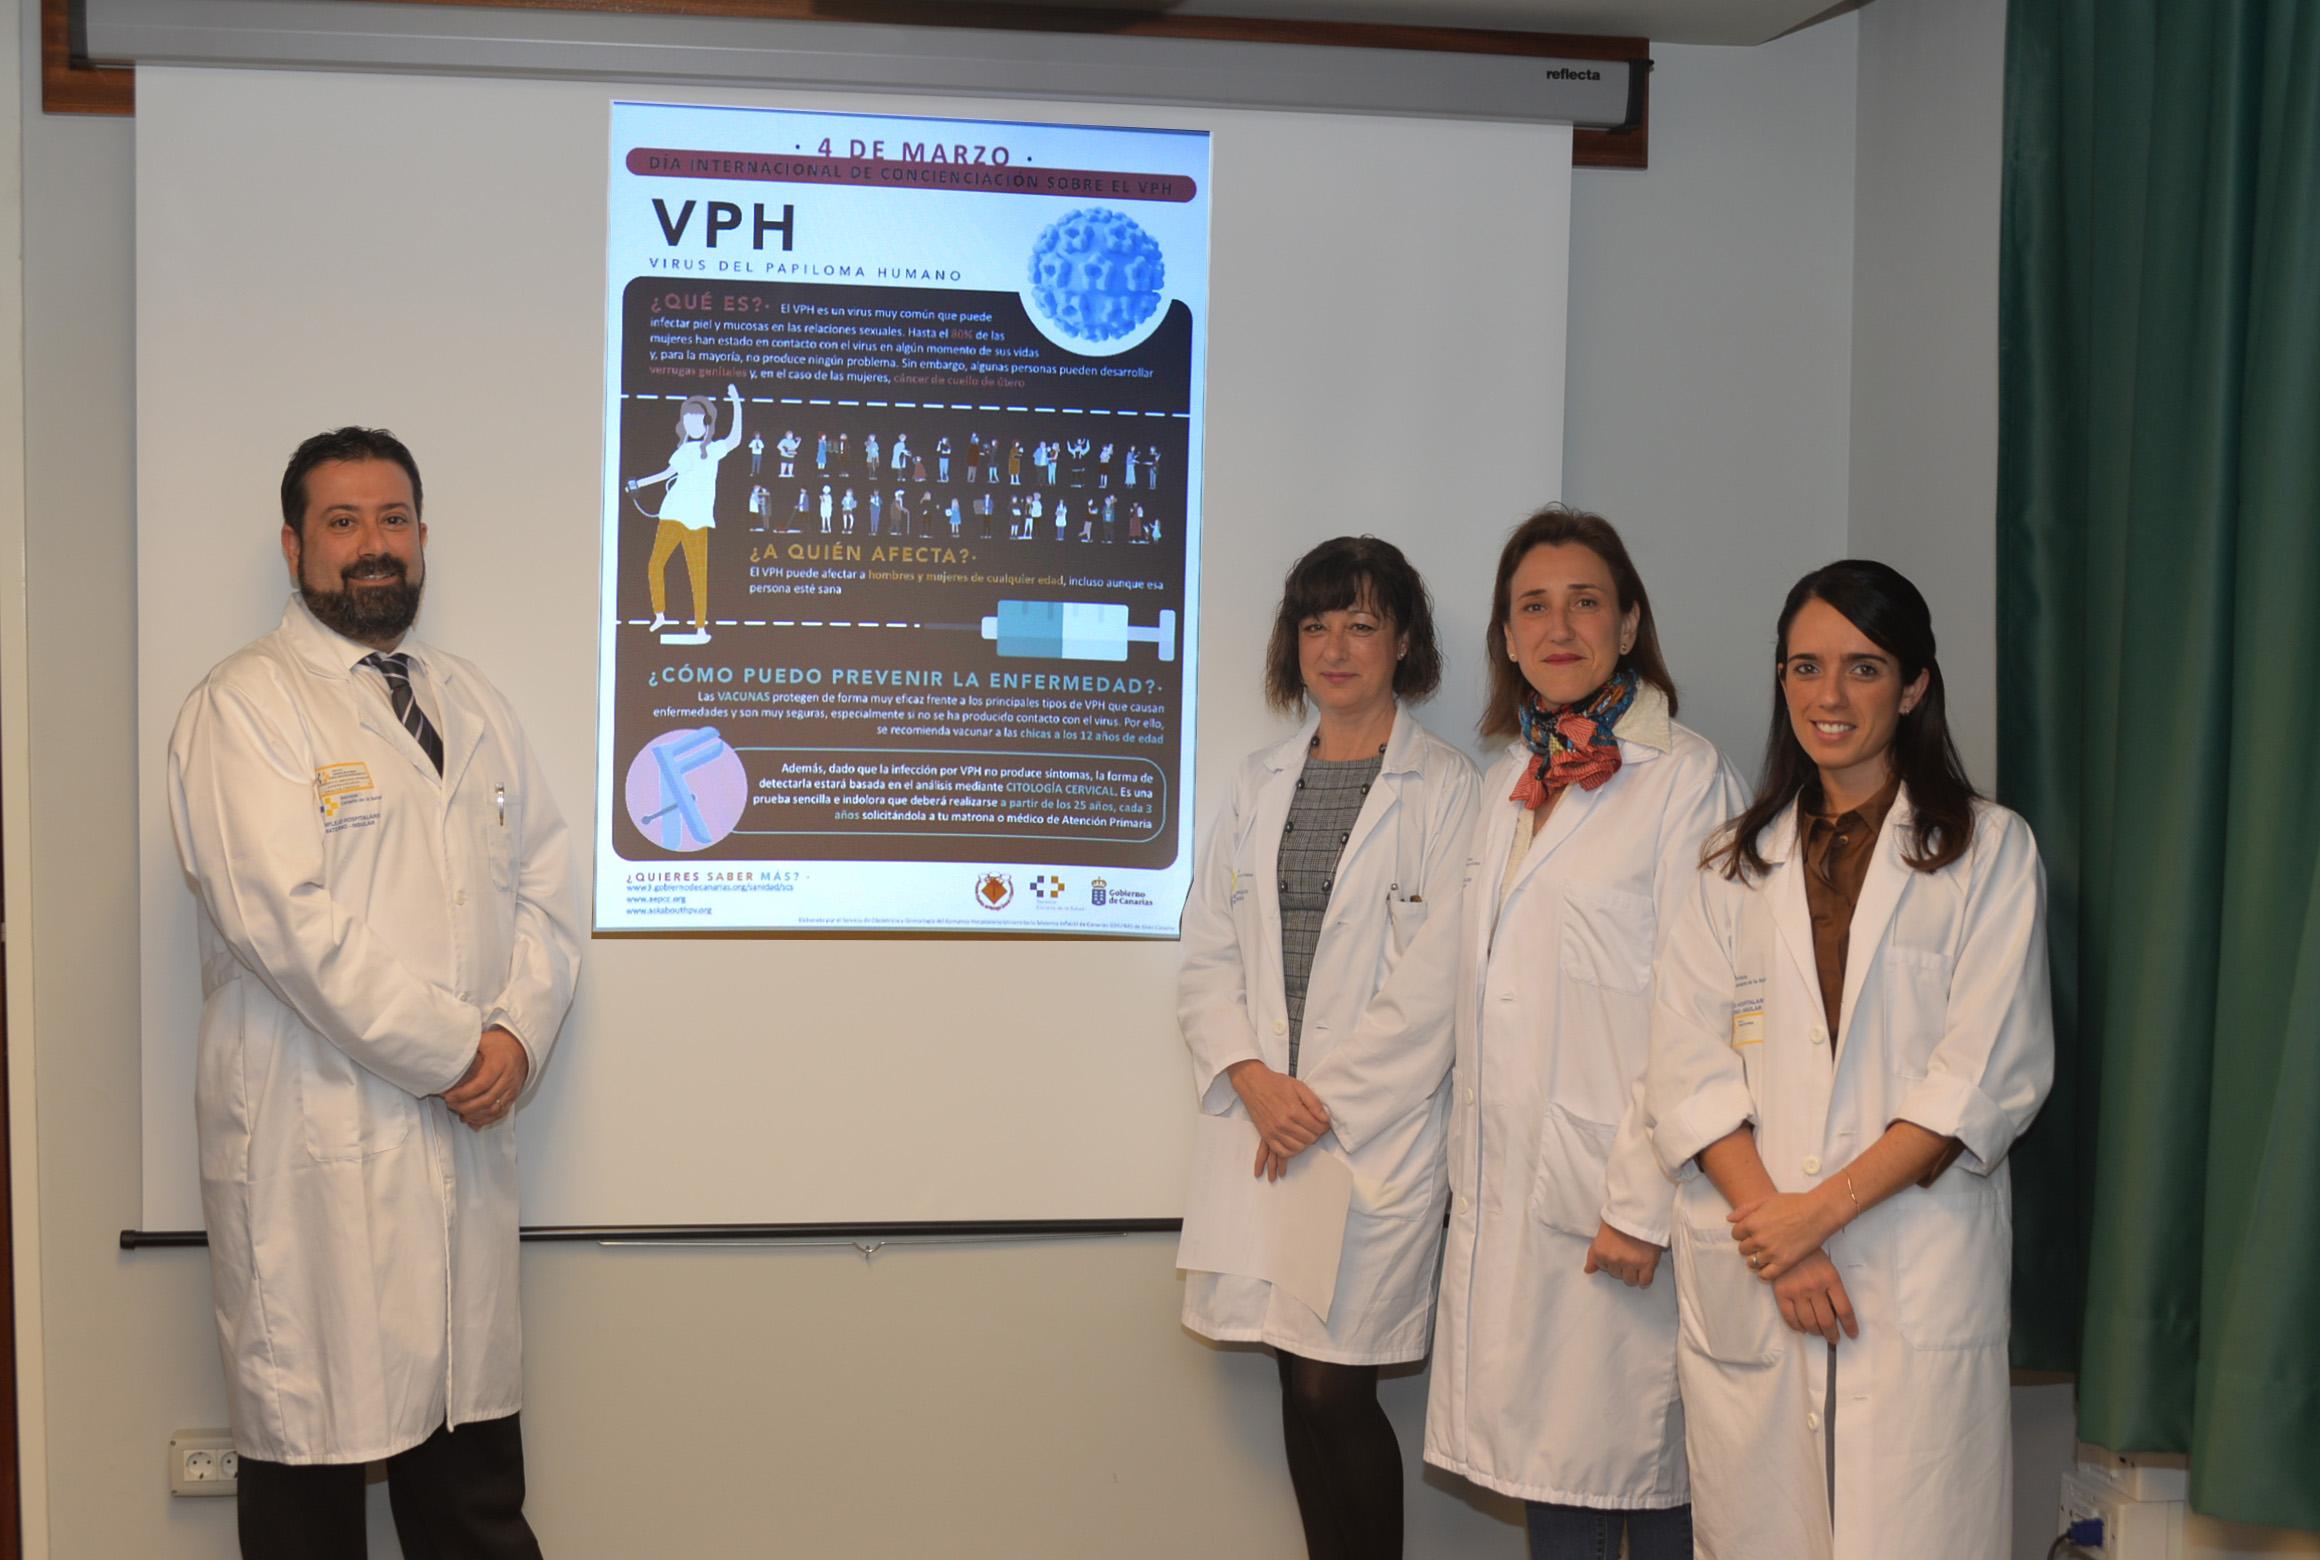 El Materno-Infantil participa en la jornada internacional de concienciación del virus del papiloma humano